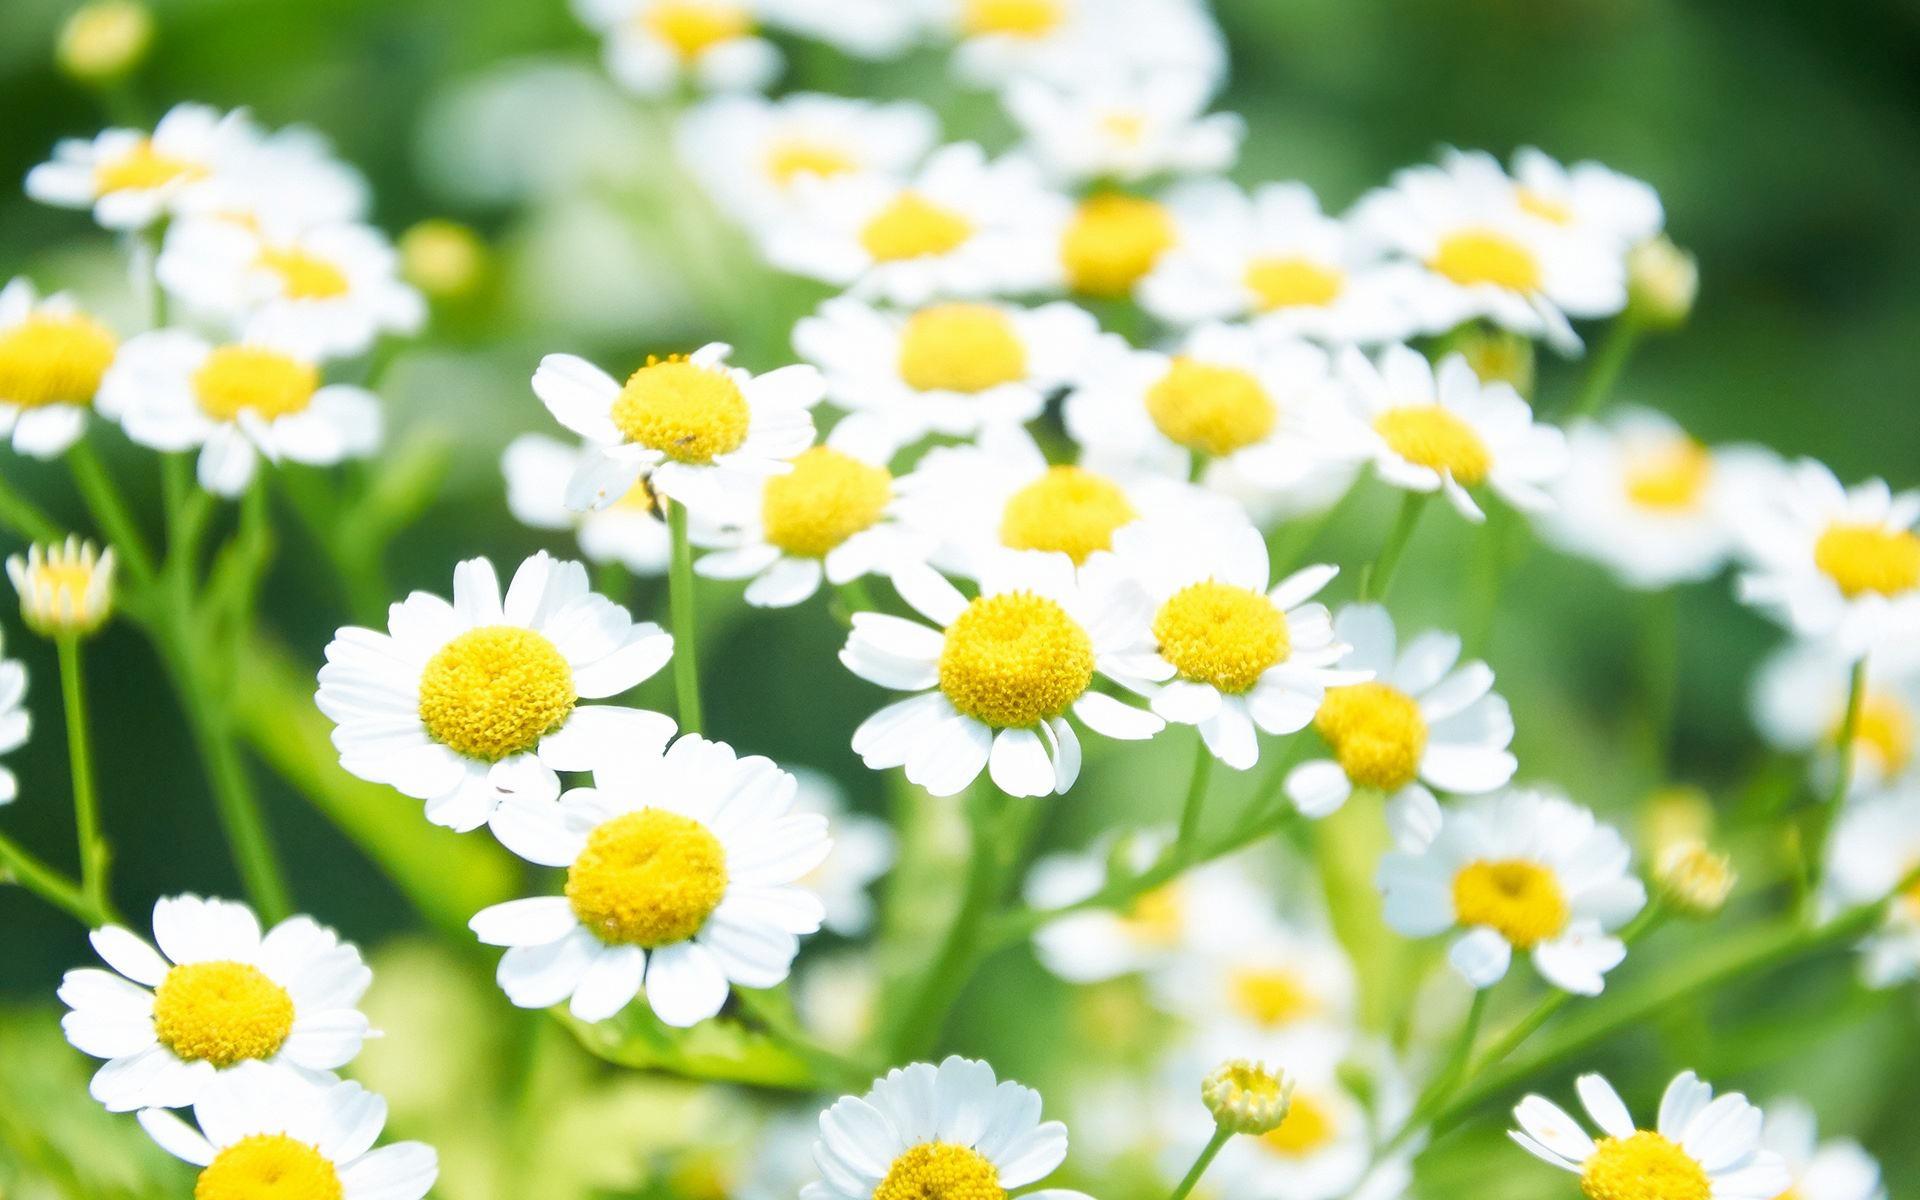 不同生长阶段雏菊的养护要点有哪些